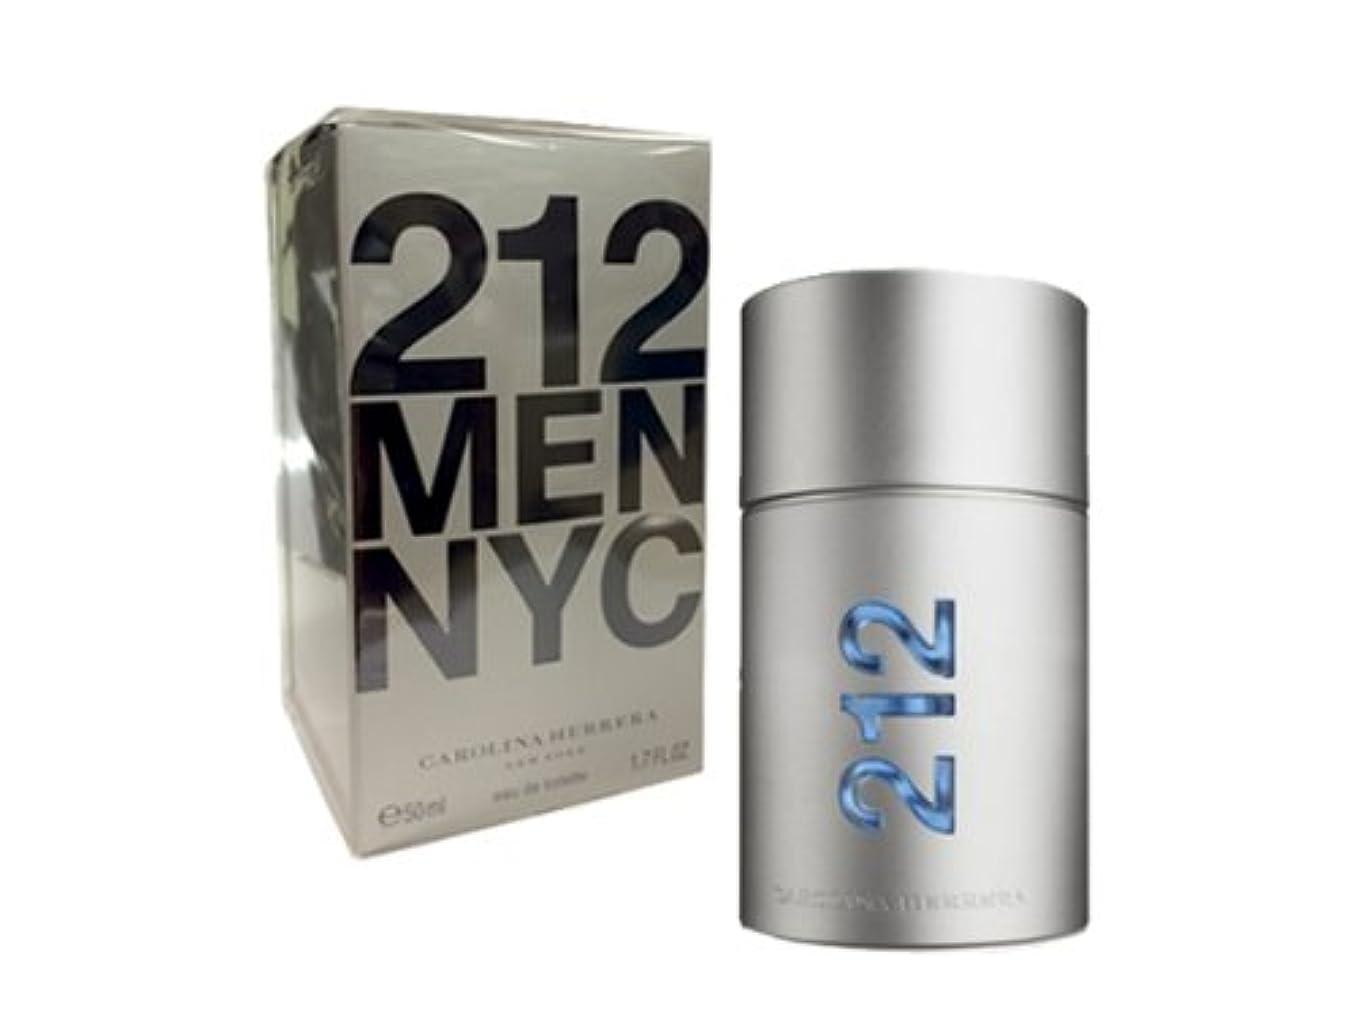 責任者前述の収束するキャロライナヘレラ 212メン 50ml メンズ 香水 212MEDT50 CAROLINA HERRERA (並行輸入品)